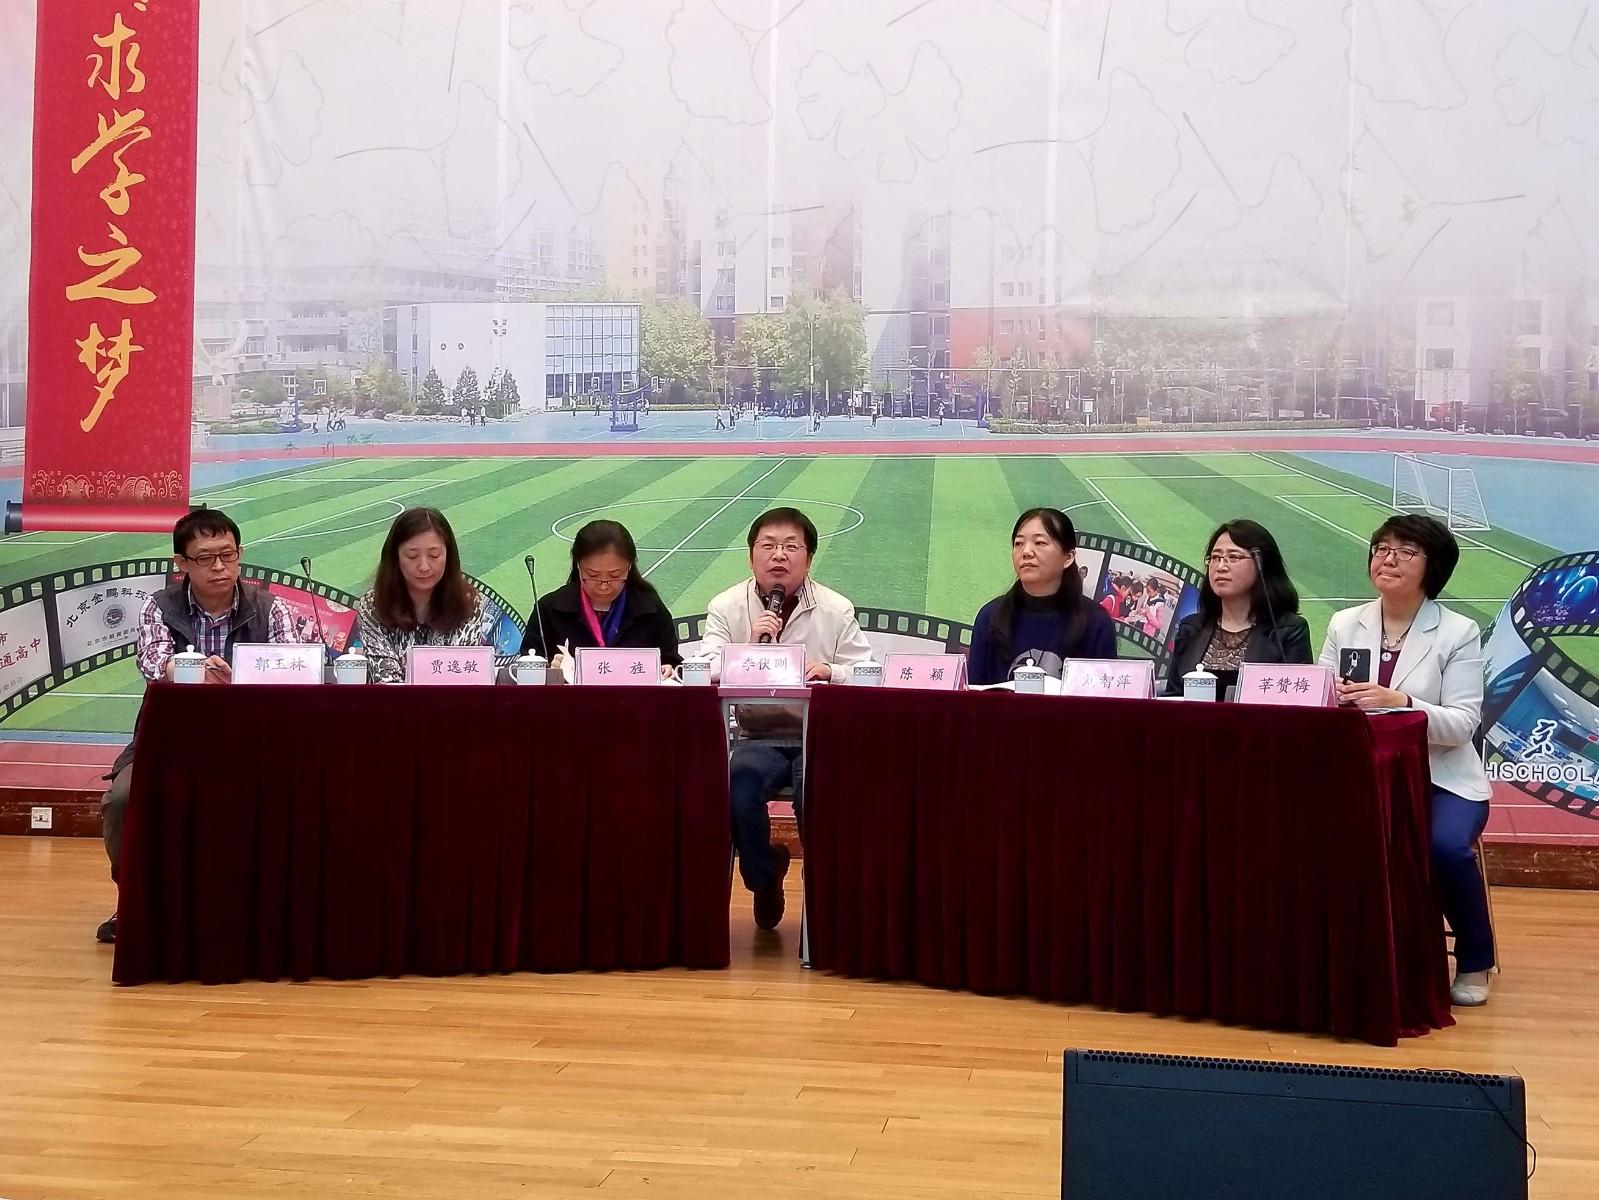 北京市化学教研员李伏刚老师主持会议.jpg